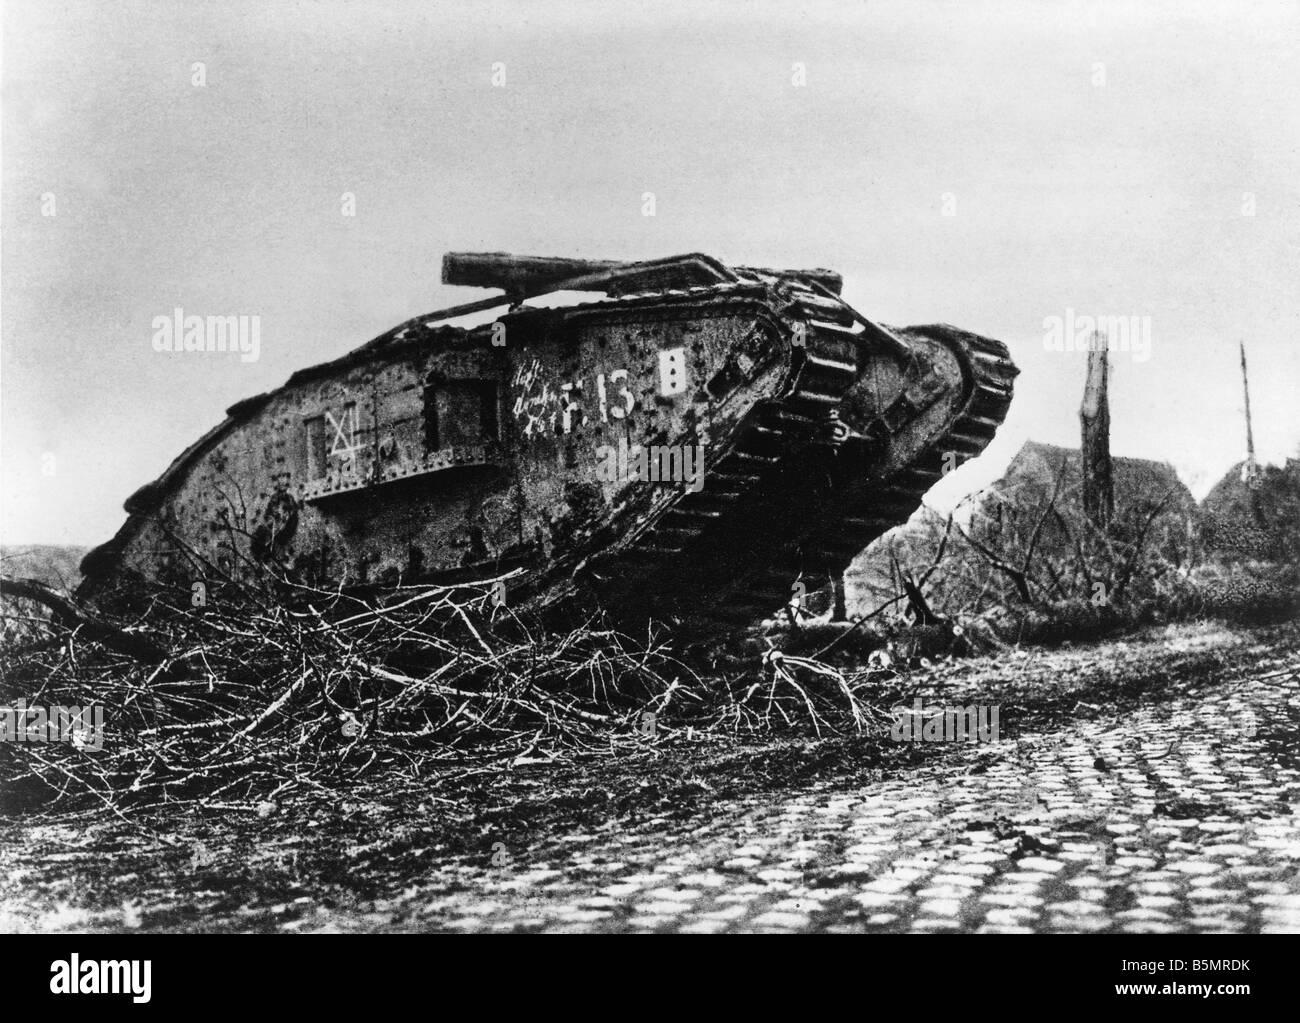 9-1917-11-20 A2 1 E Panzerschlacht bei Cambrai Englisch tank Weltkrieg ein Western Front Panzerschlacht bei Cambrai Stockbild